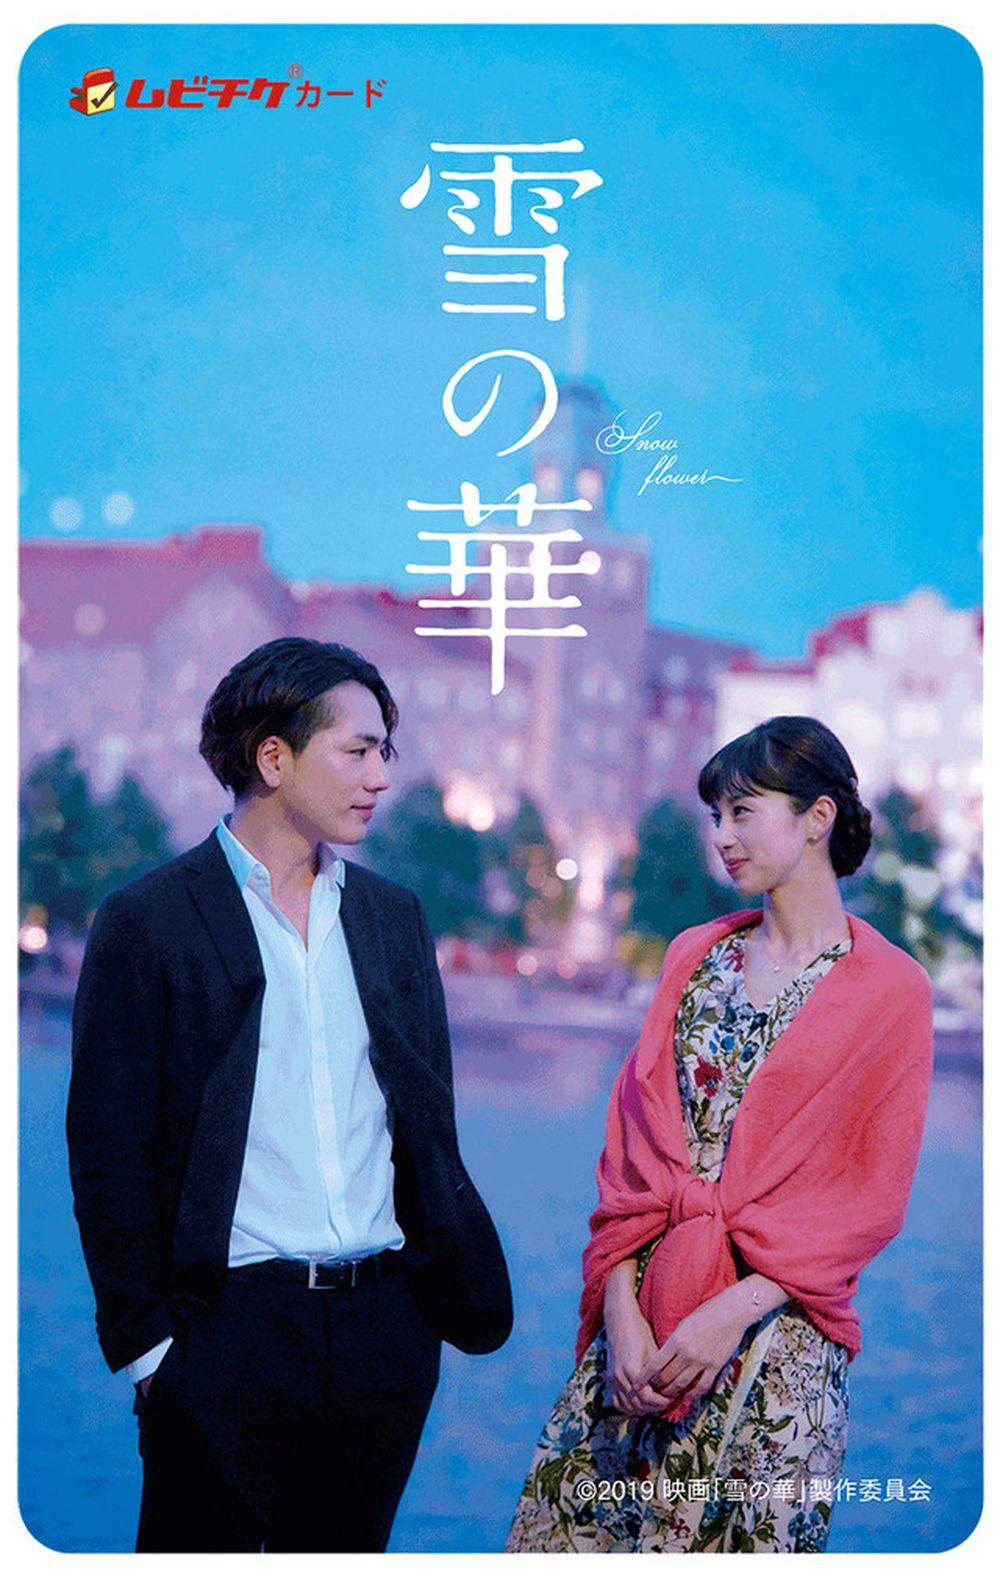 Các khán giả tại Nhật Bản sẽ được thưởng thức câu chuyện tình yêu lãng mạn này cùng với những giai điệu du dương của bản tình ca Yuki no hanatại các ...